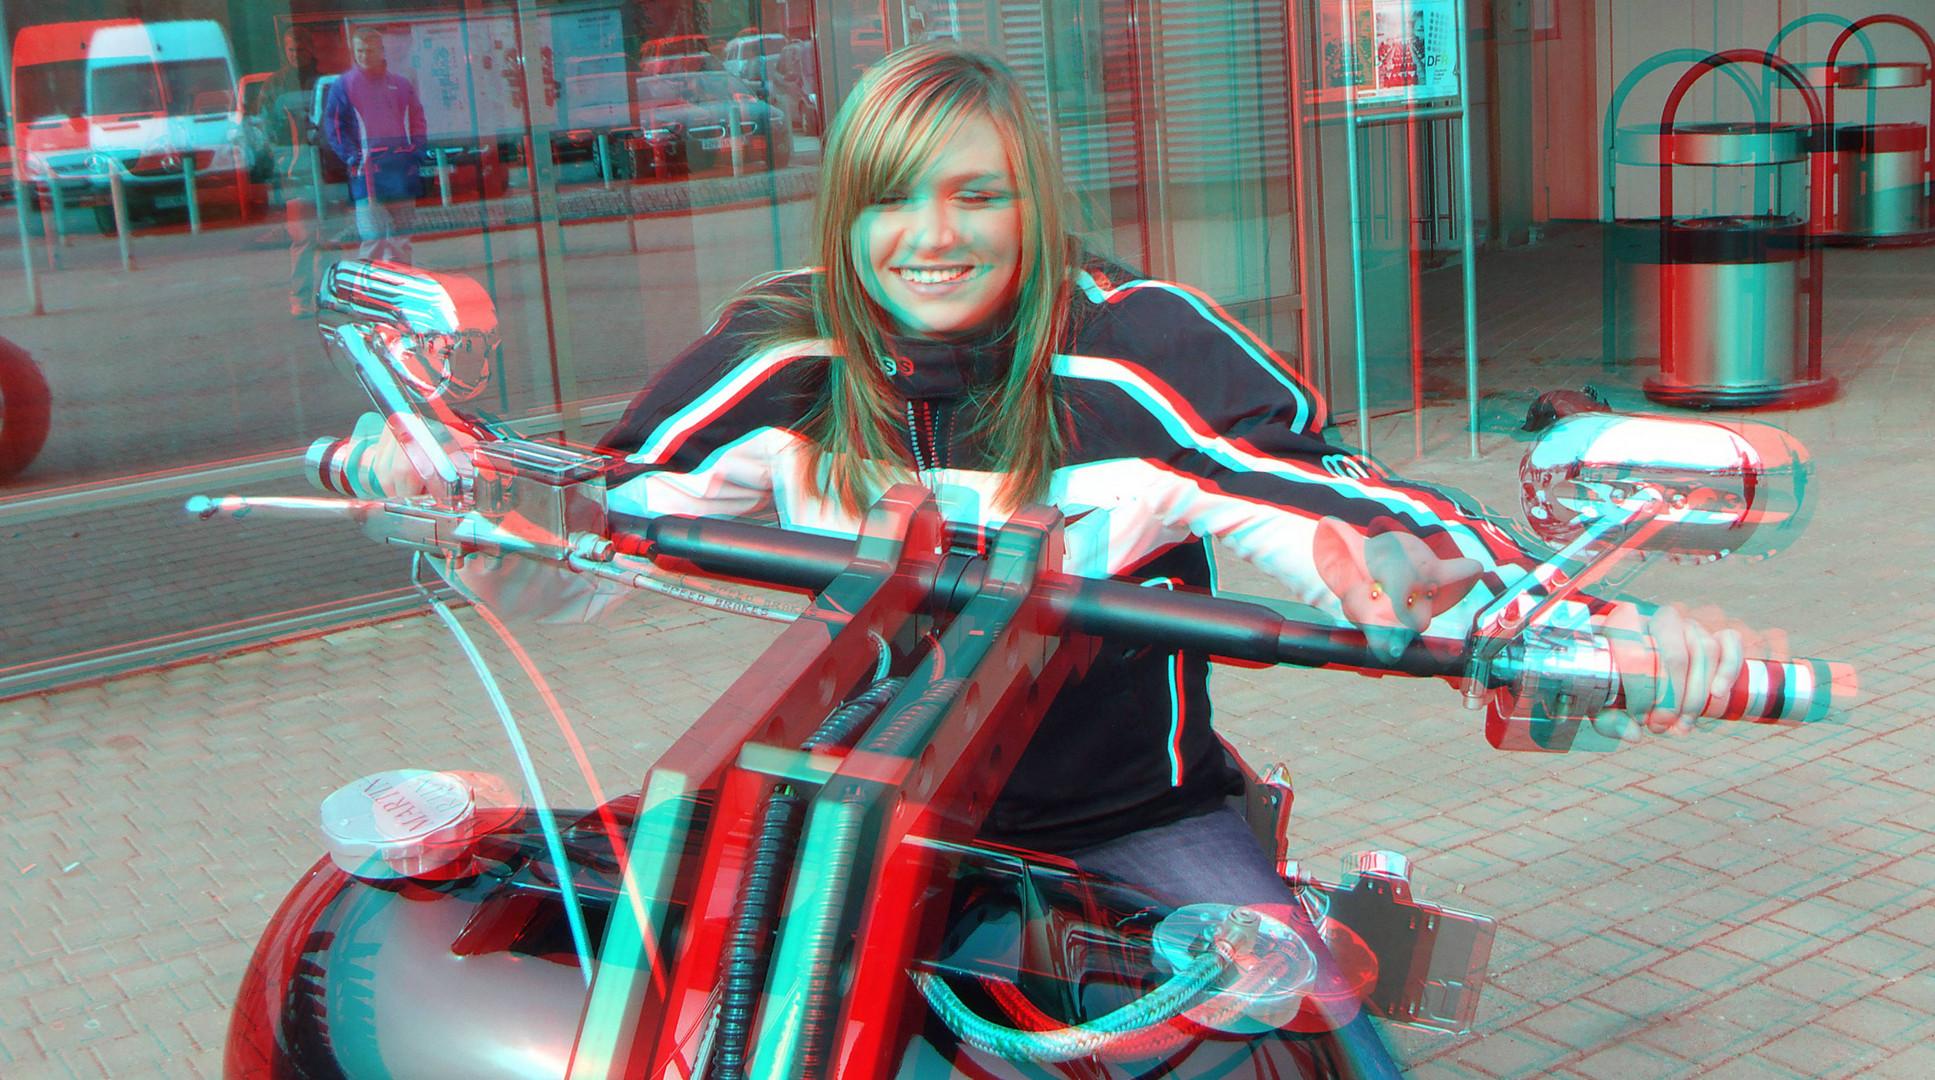 Das Mädchen auf dem Motorrad. (Motorradmesse)